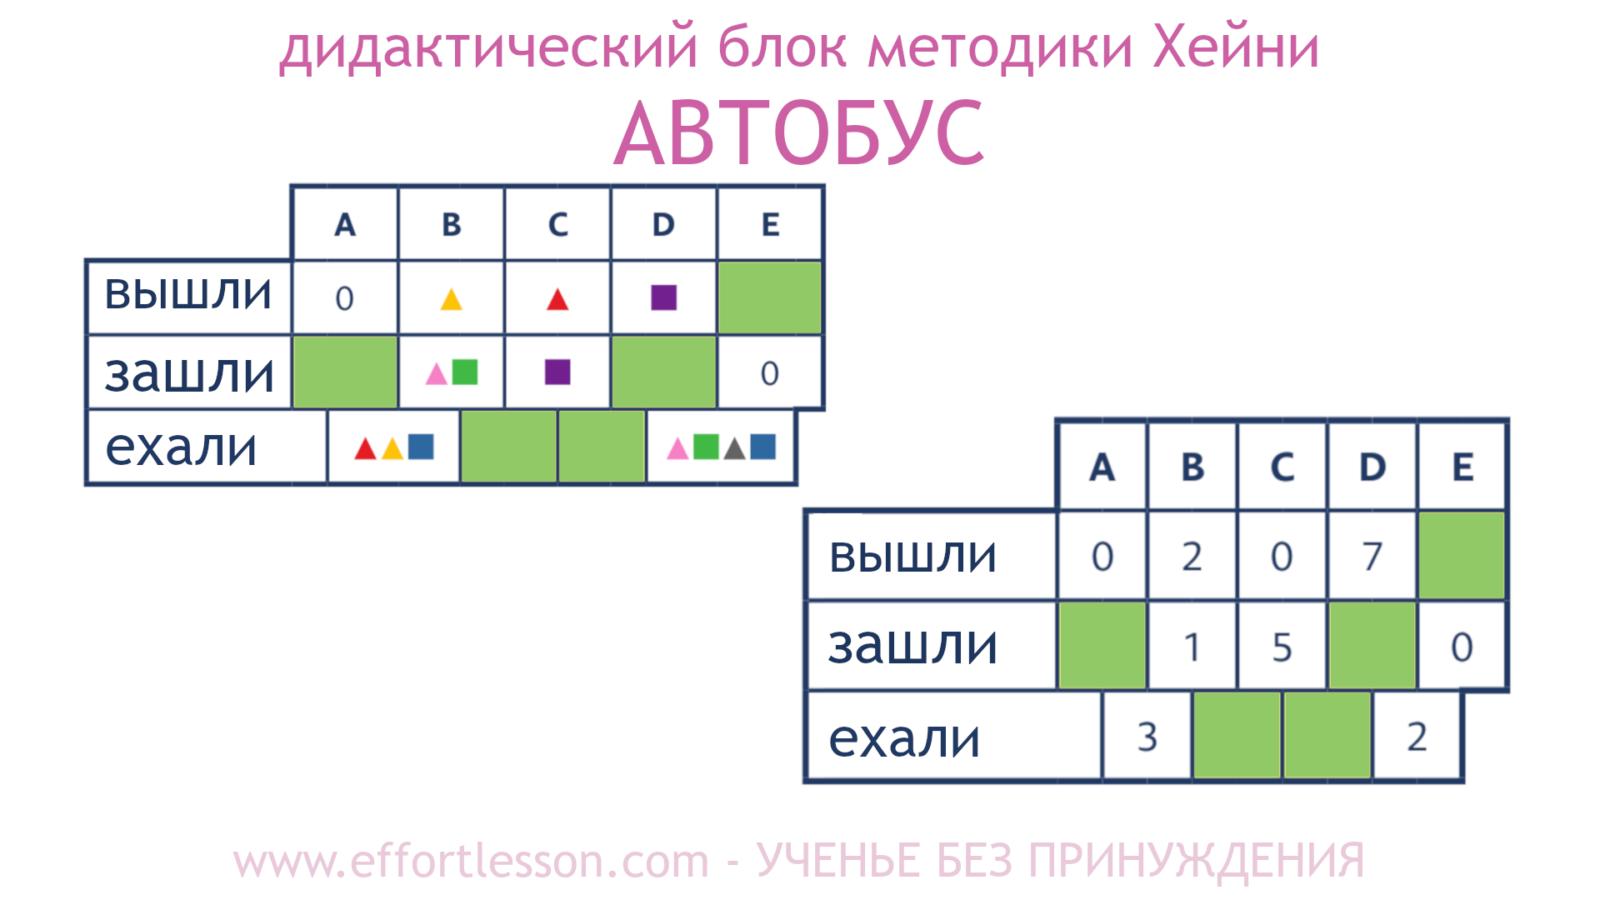 Таблица Автобус метод Хейни 6